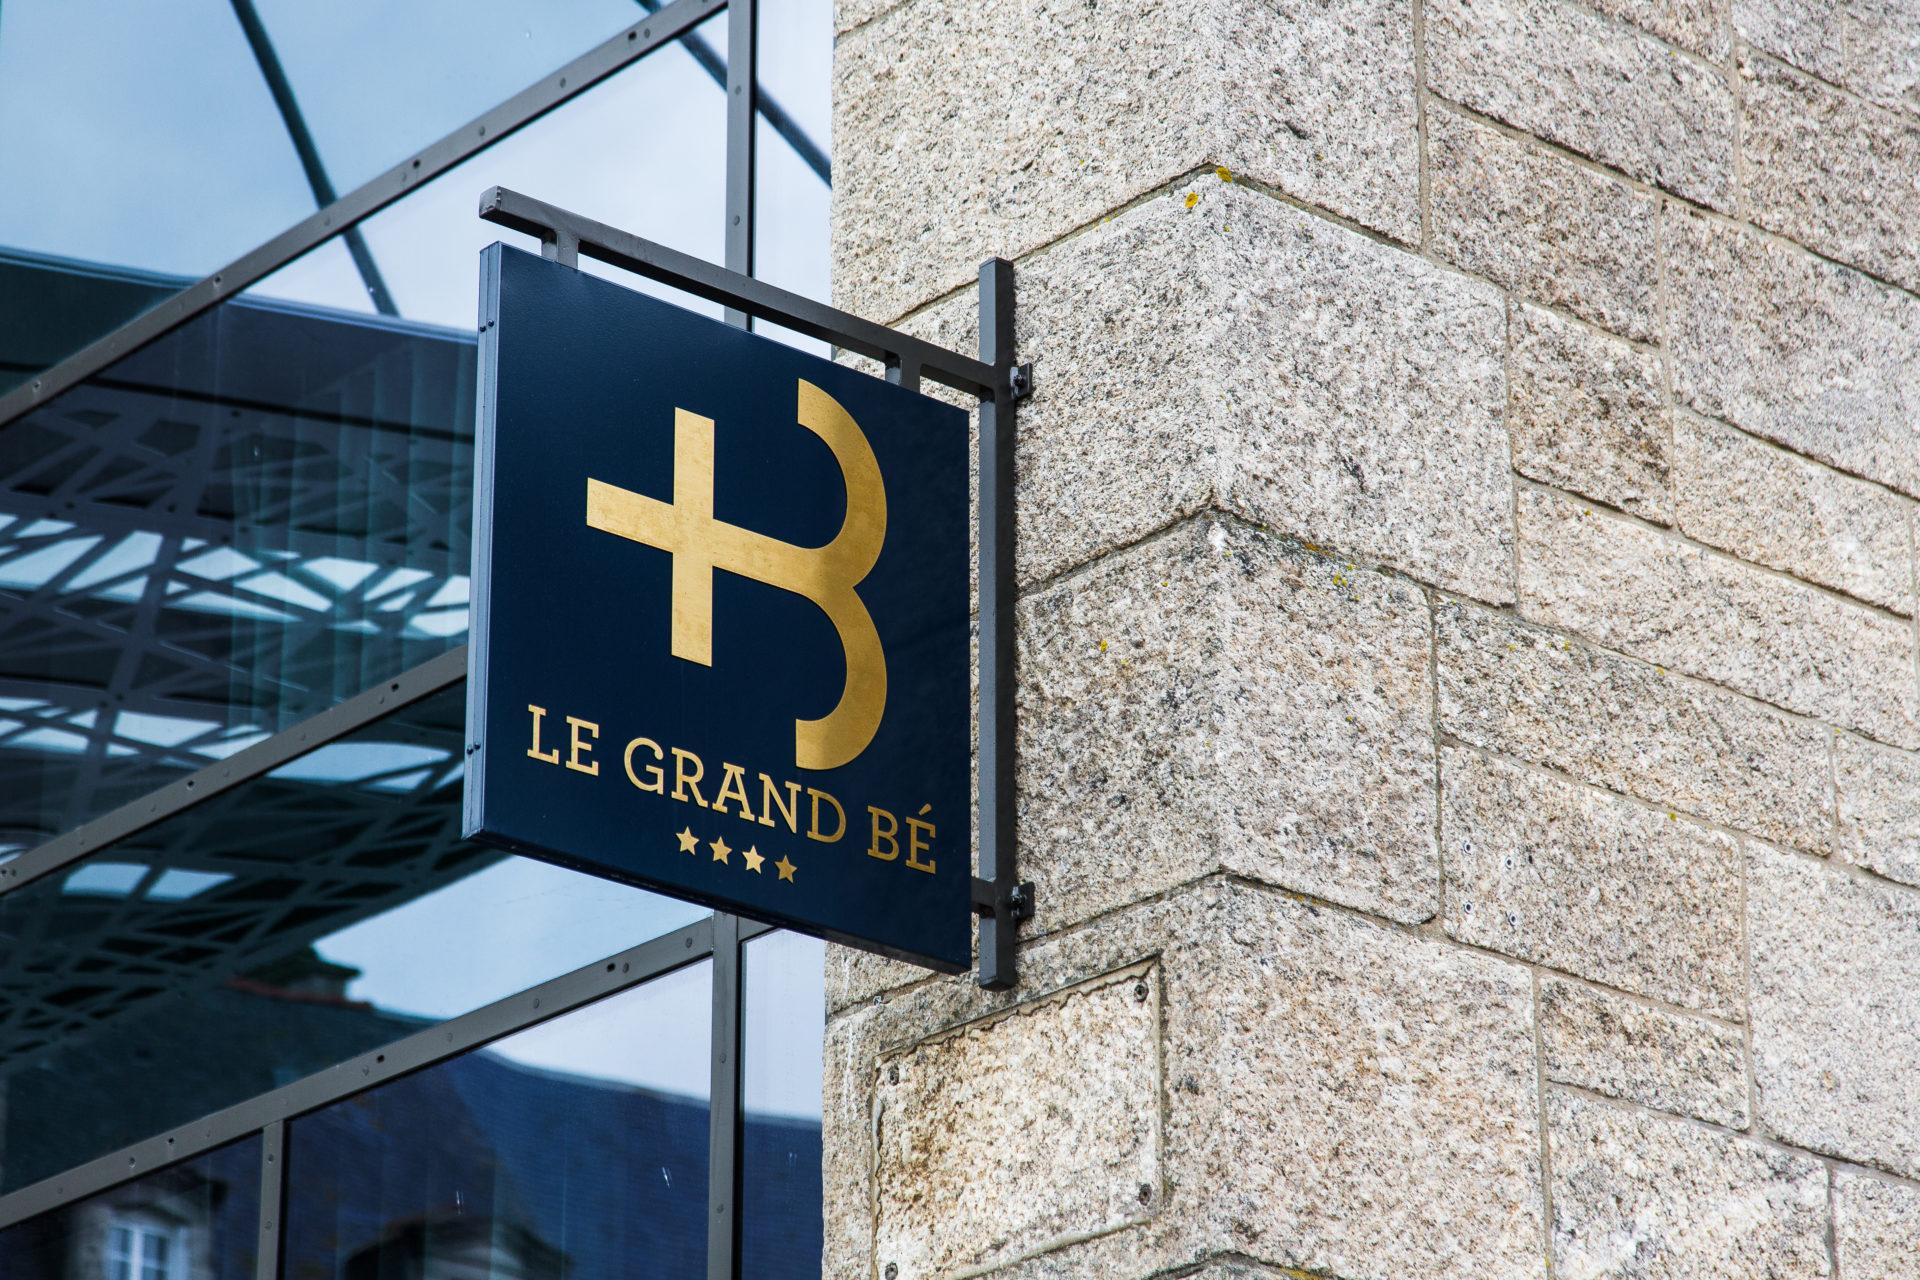 Hôtel Le Grand Bé à Saint Malo (35)